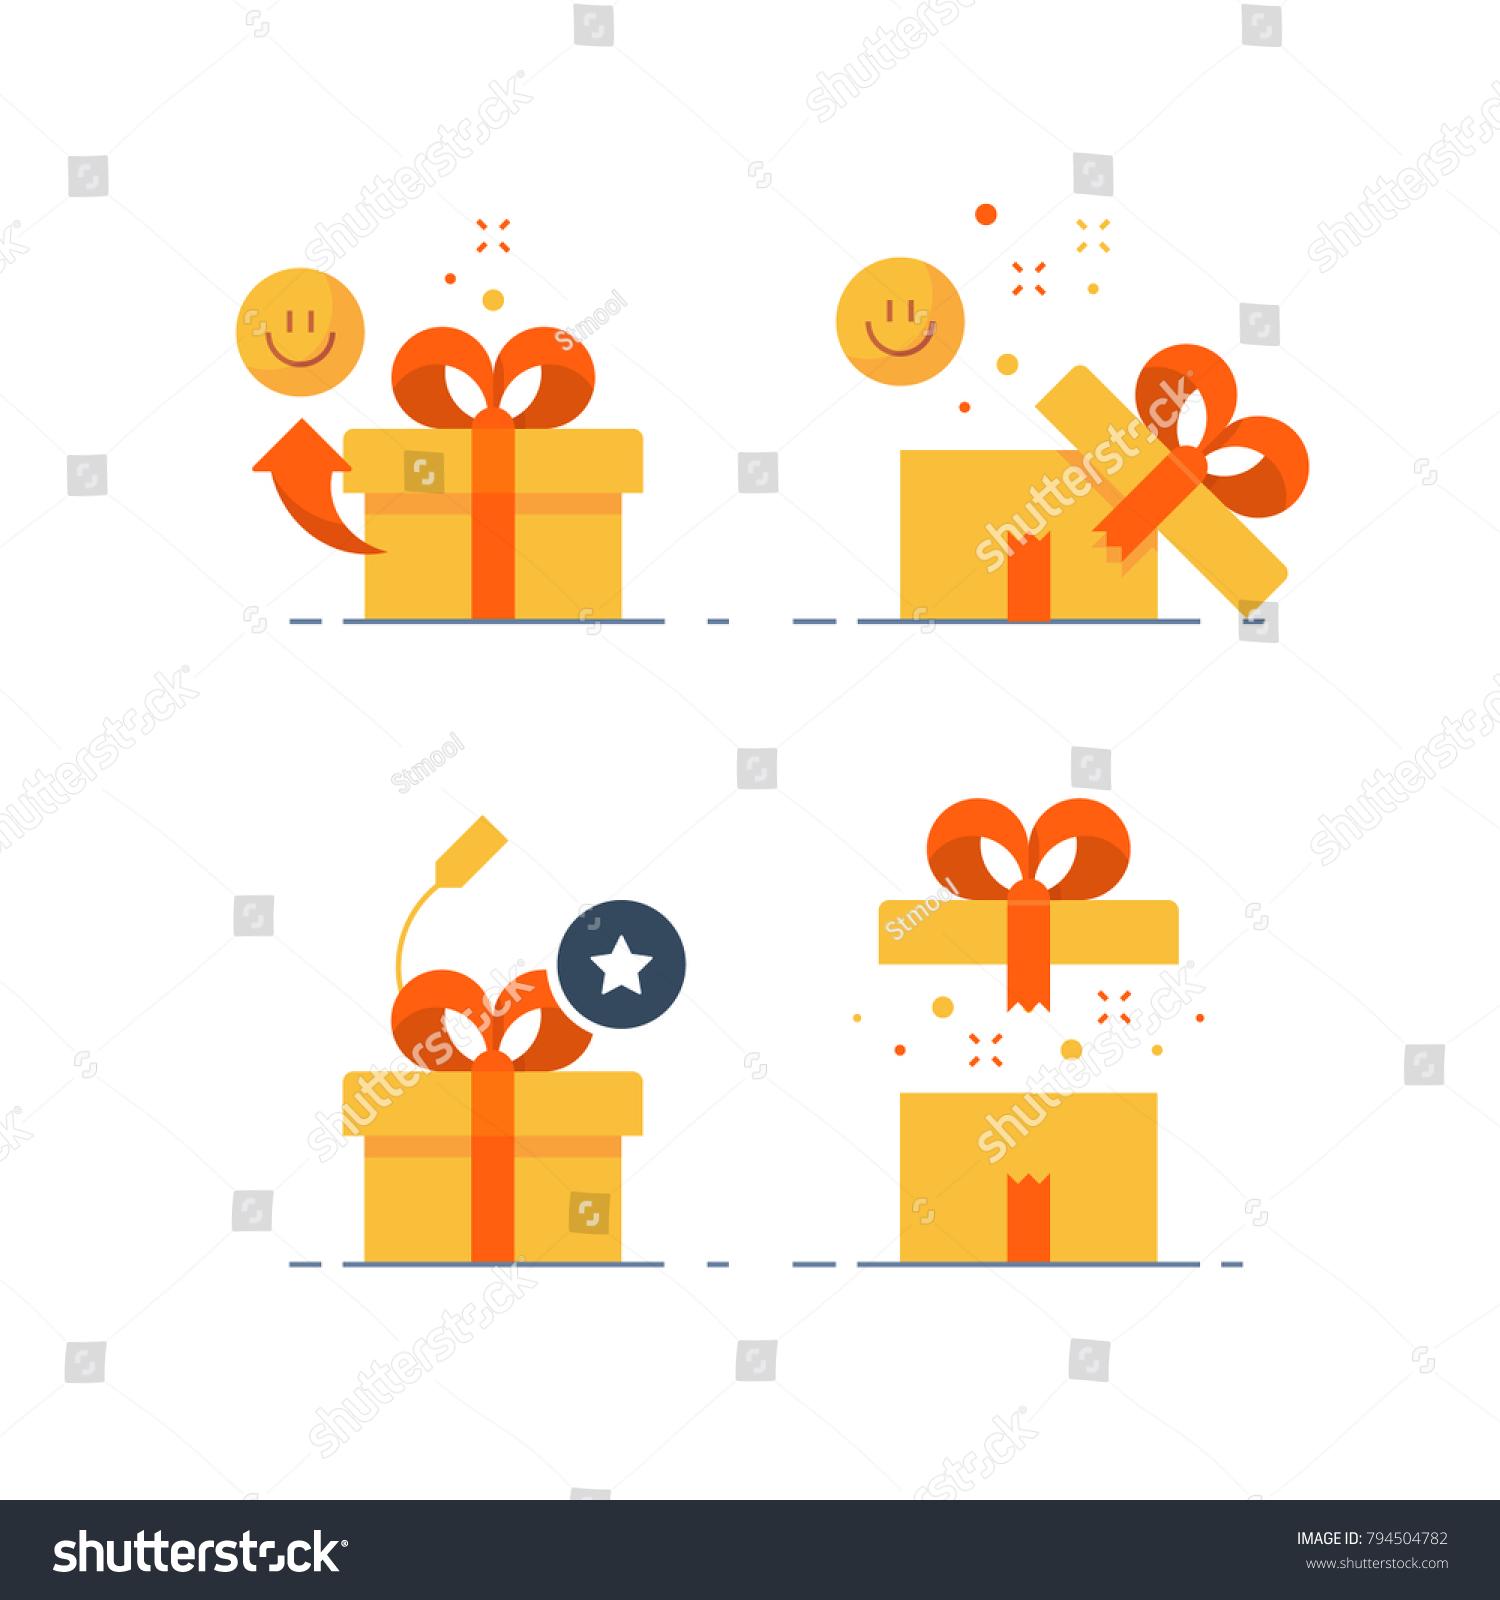 La Boite Jaune Prix image vectorielle de stock de ensemble de cadeaux surprenant